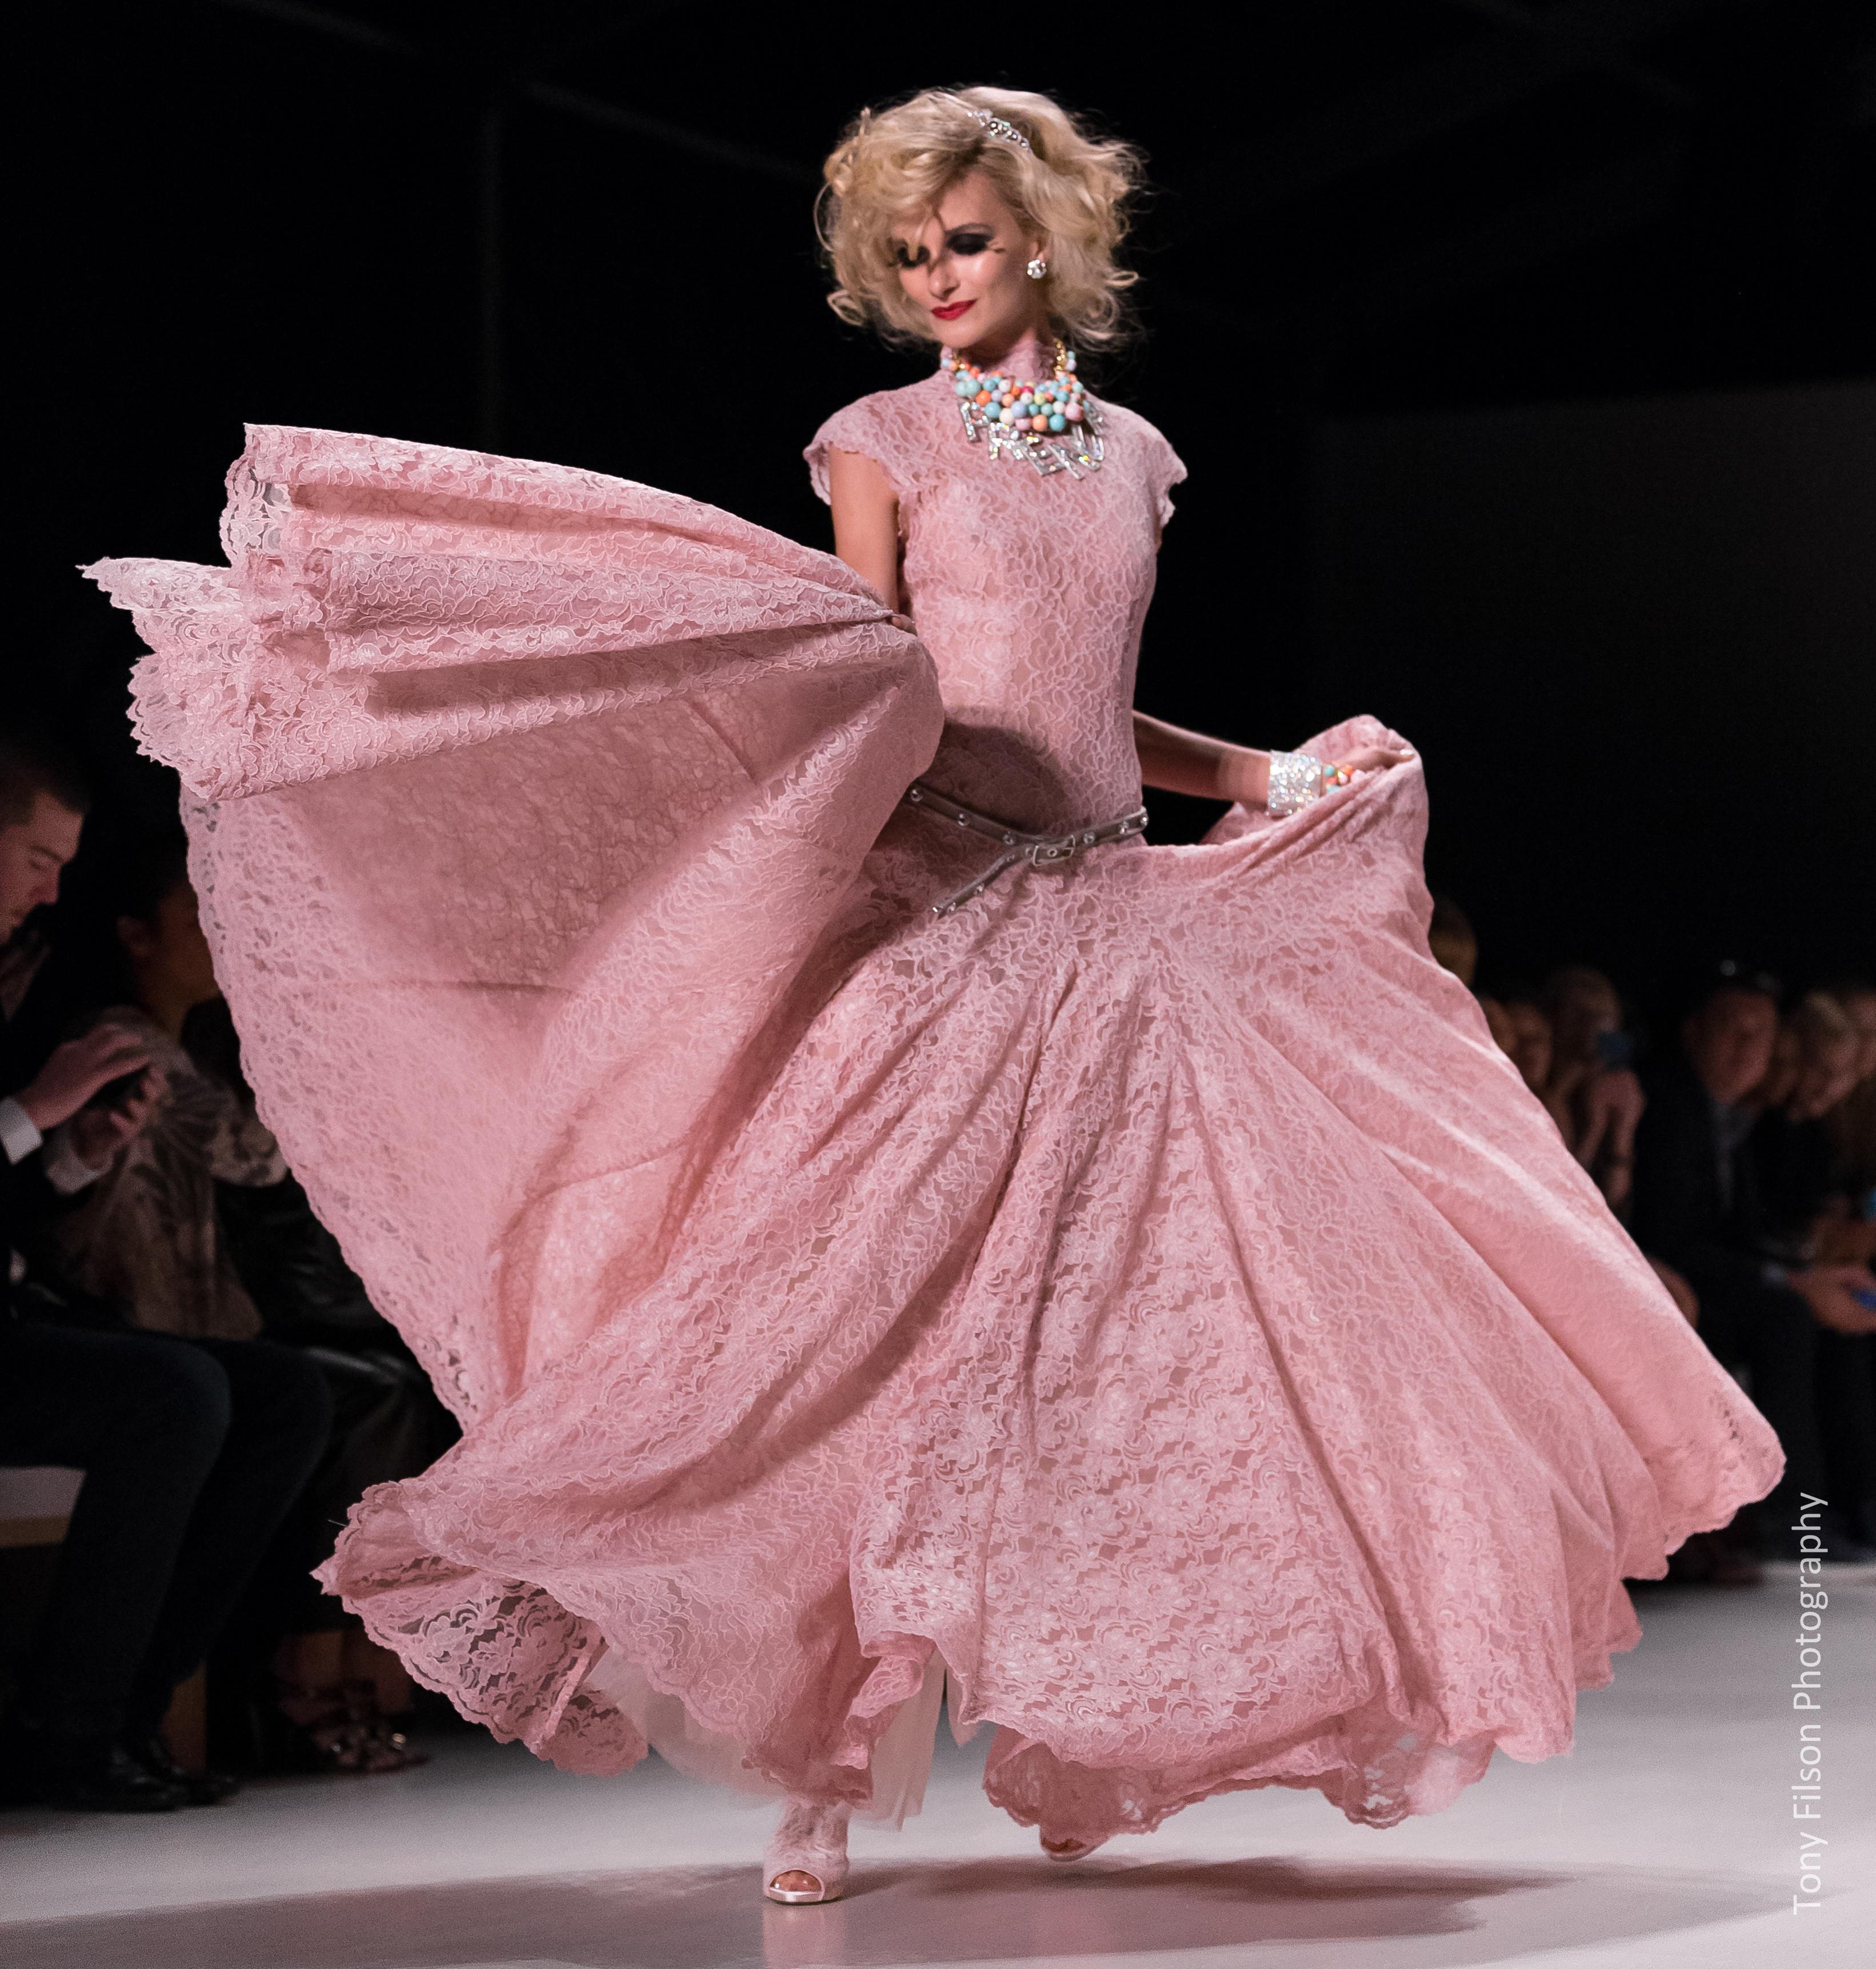 Runway Fashion by Tony Filson A73Q5307-1.jpg